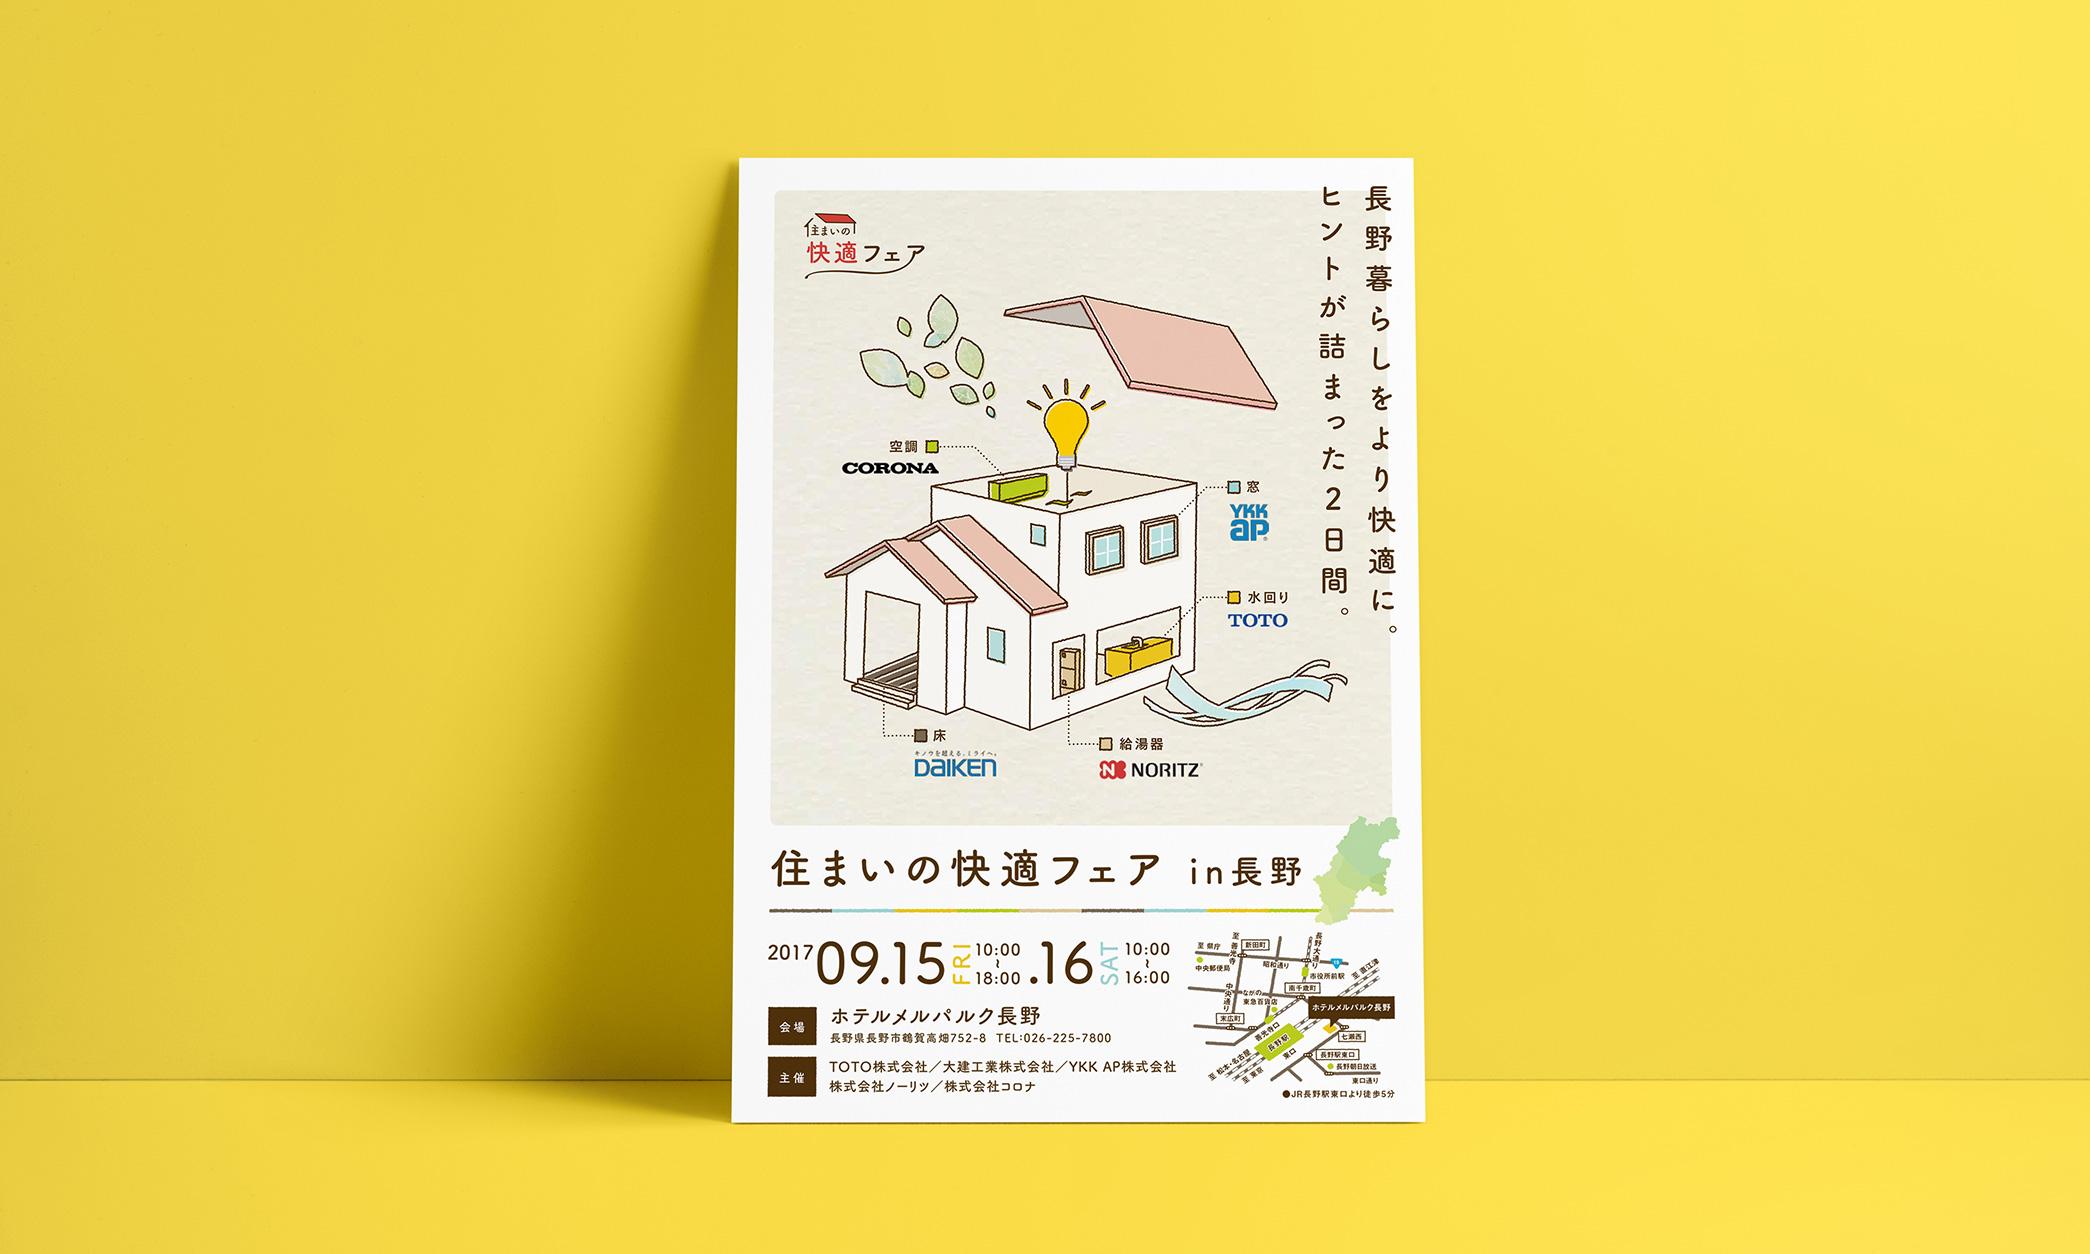 チラシ・リーフレット制作|長野(長野市・松本市)・東京・金沢(石川)のデザイン事務所 アプリコットデザイン